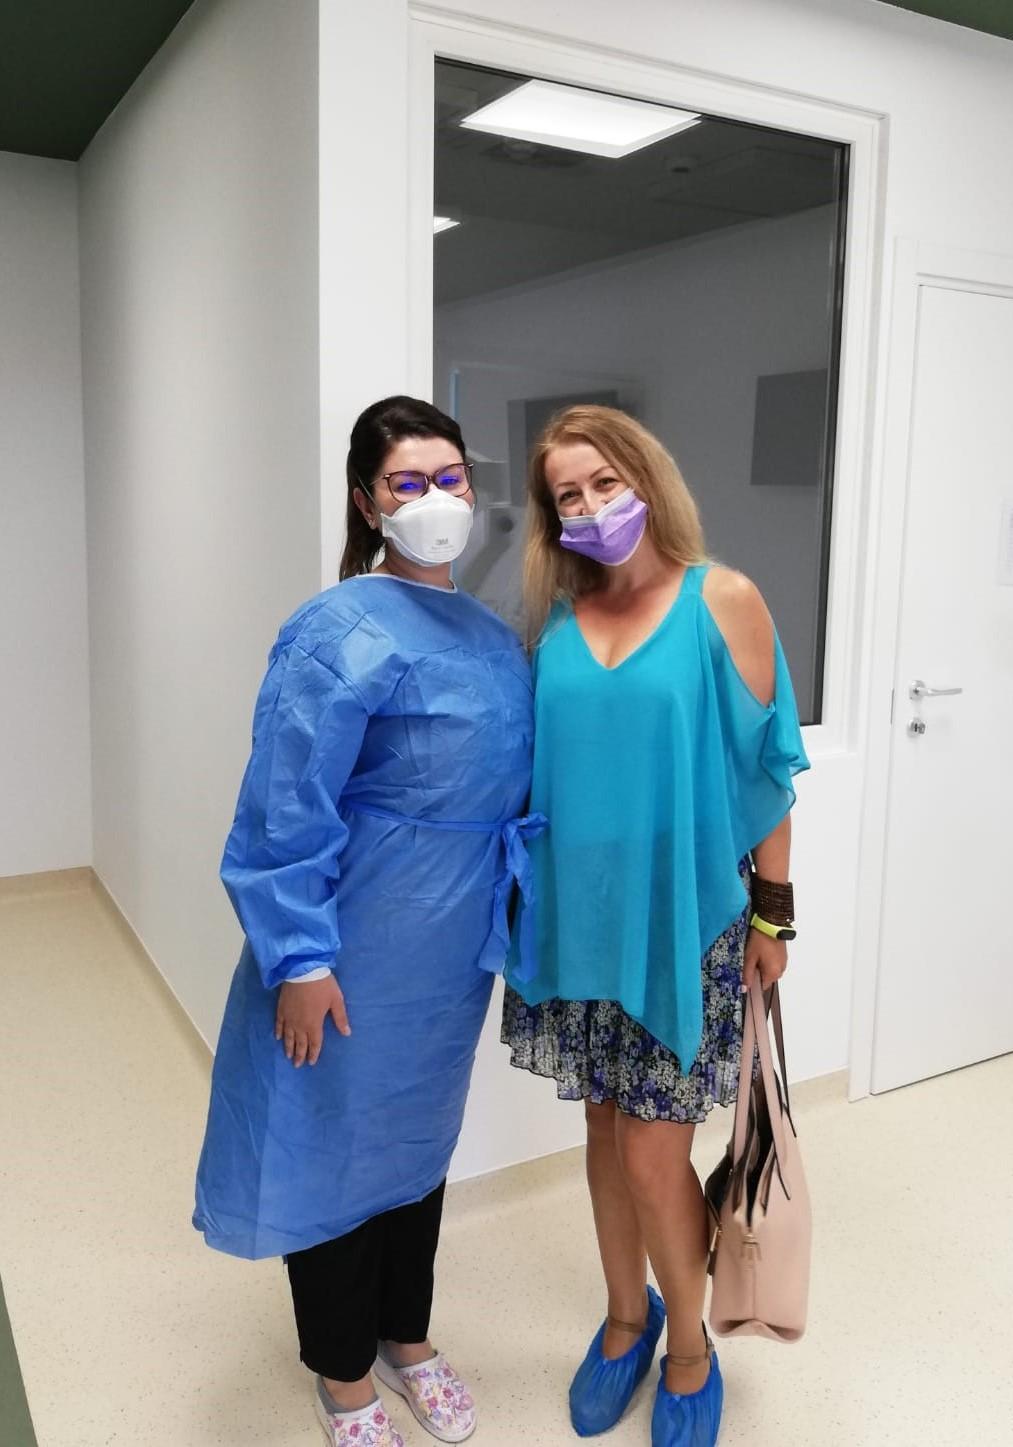 medic stomatolog in stanga, pacienta in dreapta